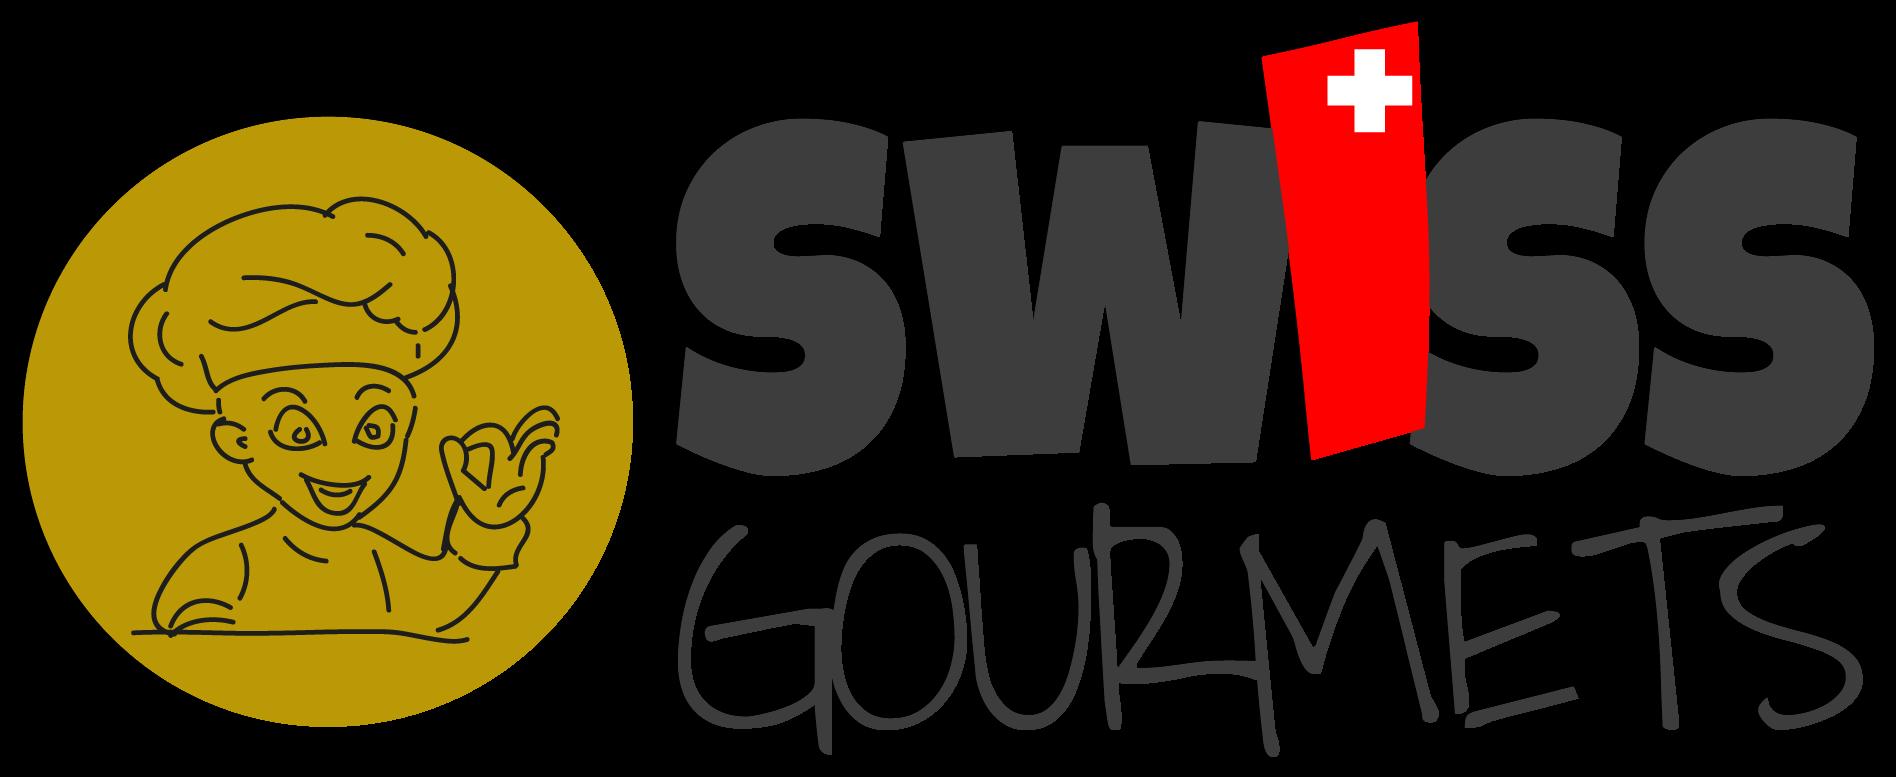 swissgourmets.ch – Dein Gourmetportal